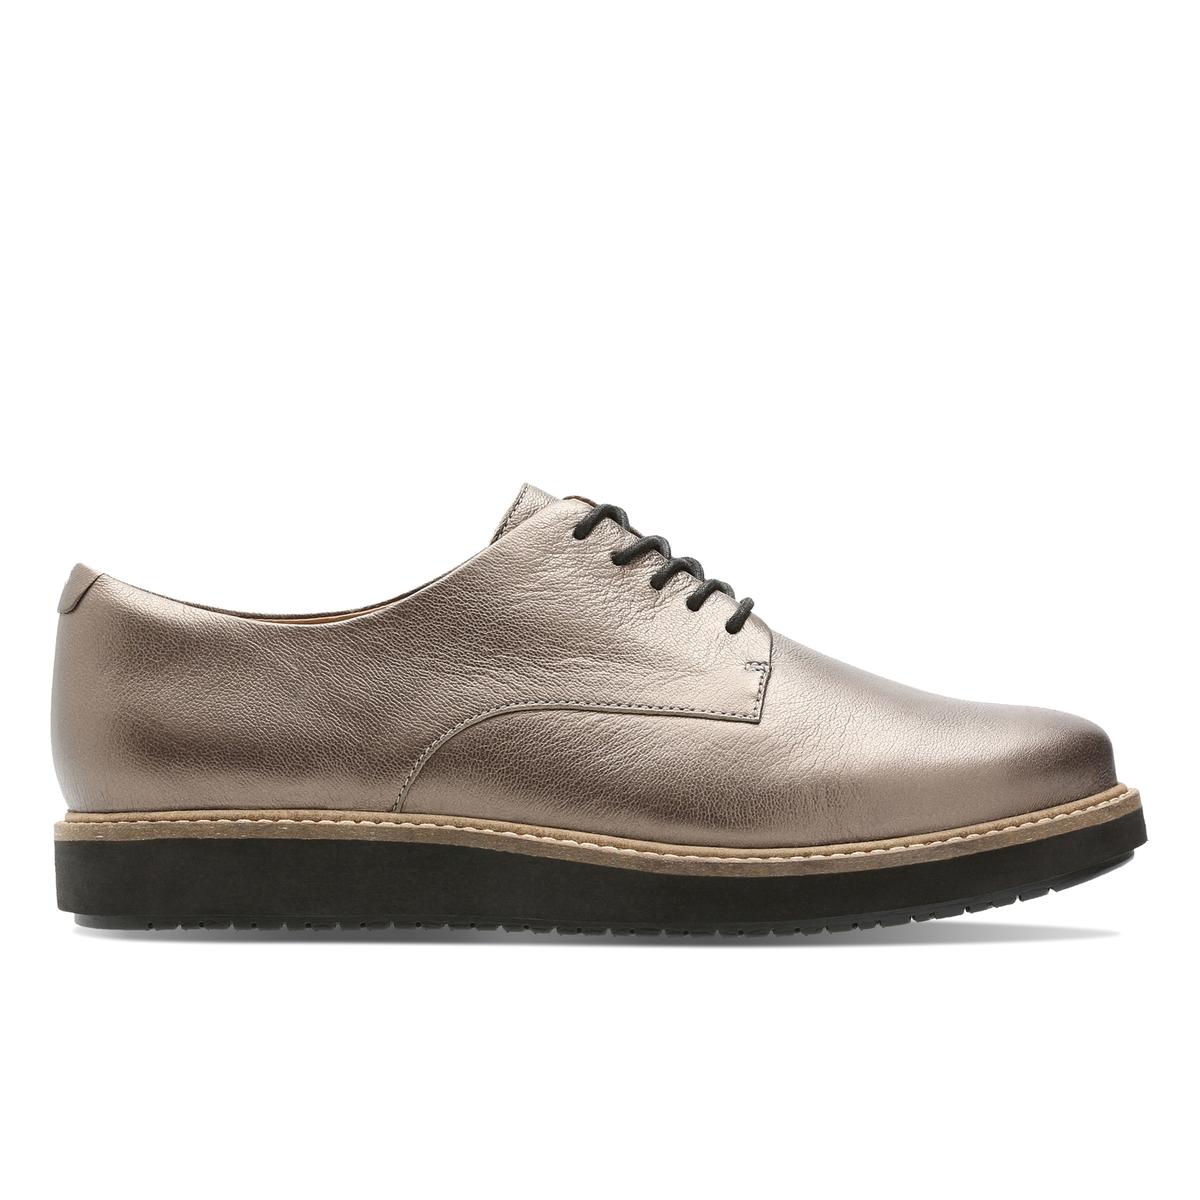 Ботинки-дерби кожаные Glick Darby ботинки дерби кожаные gilman cap